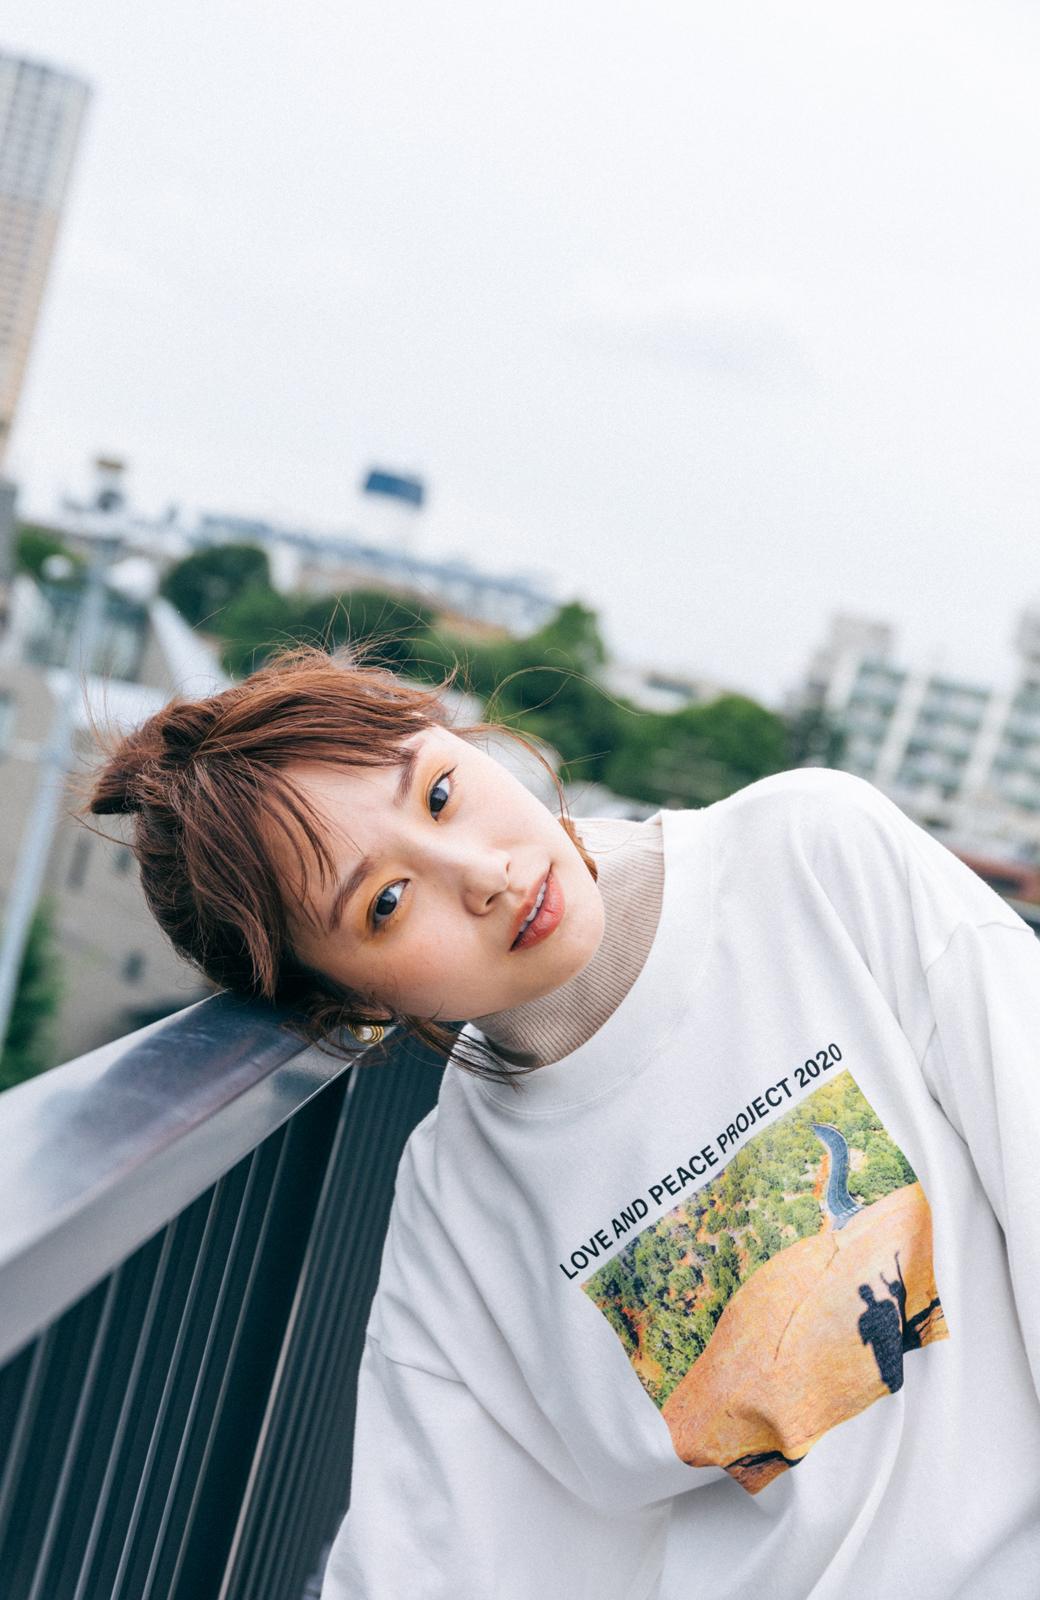 haco! 【高橋愛さんコラボ】フォトプリントのユニセックスロングTシャツ by LOVE&PEACE PROJECT + PBP  <ホワイト>の商品写真5